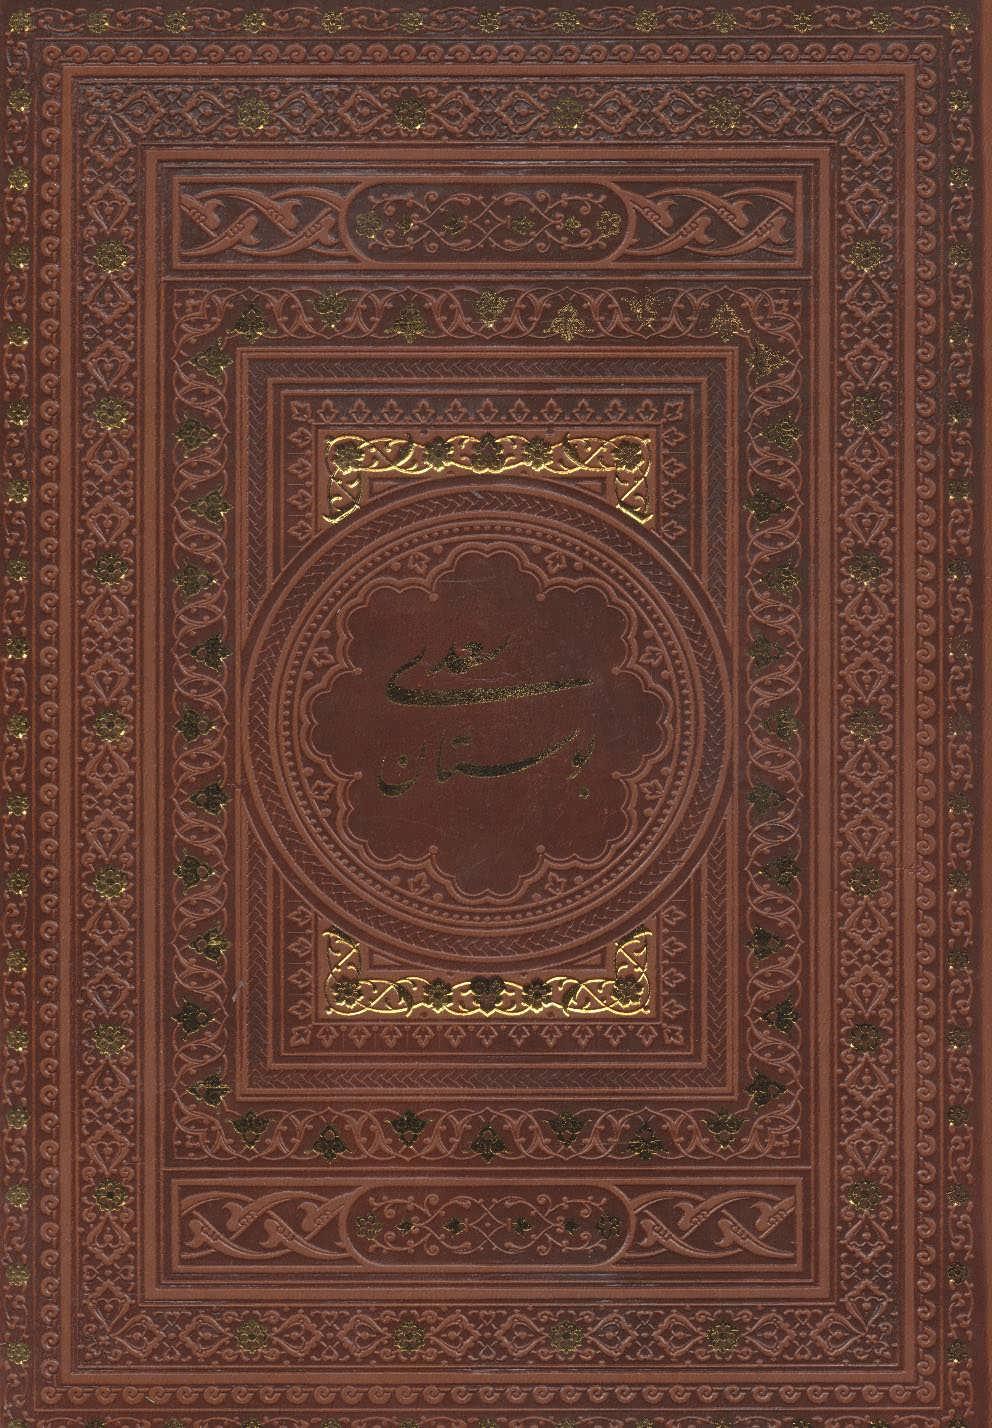 بوستان سعدی (گلاسه،باقاب،چرم)